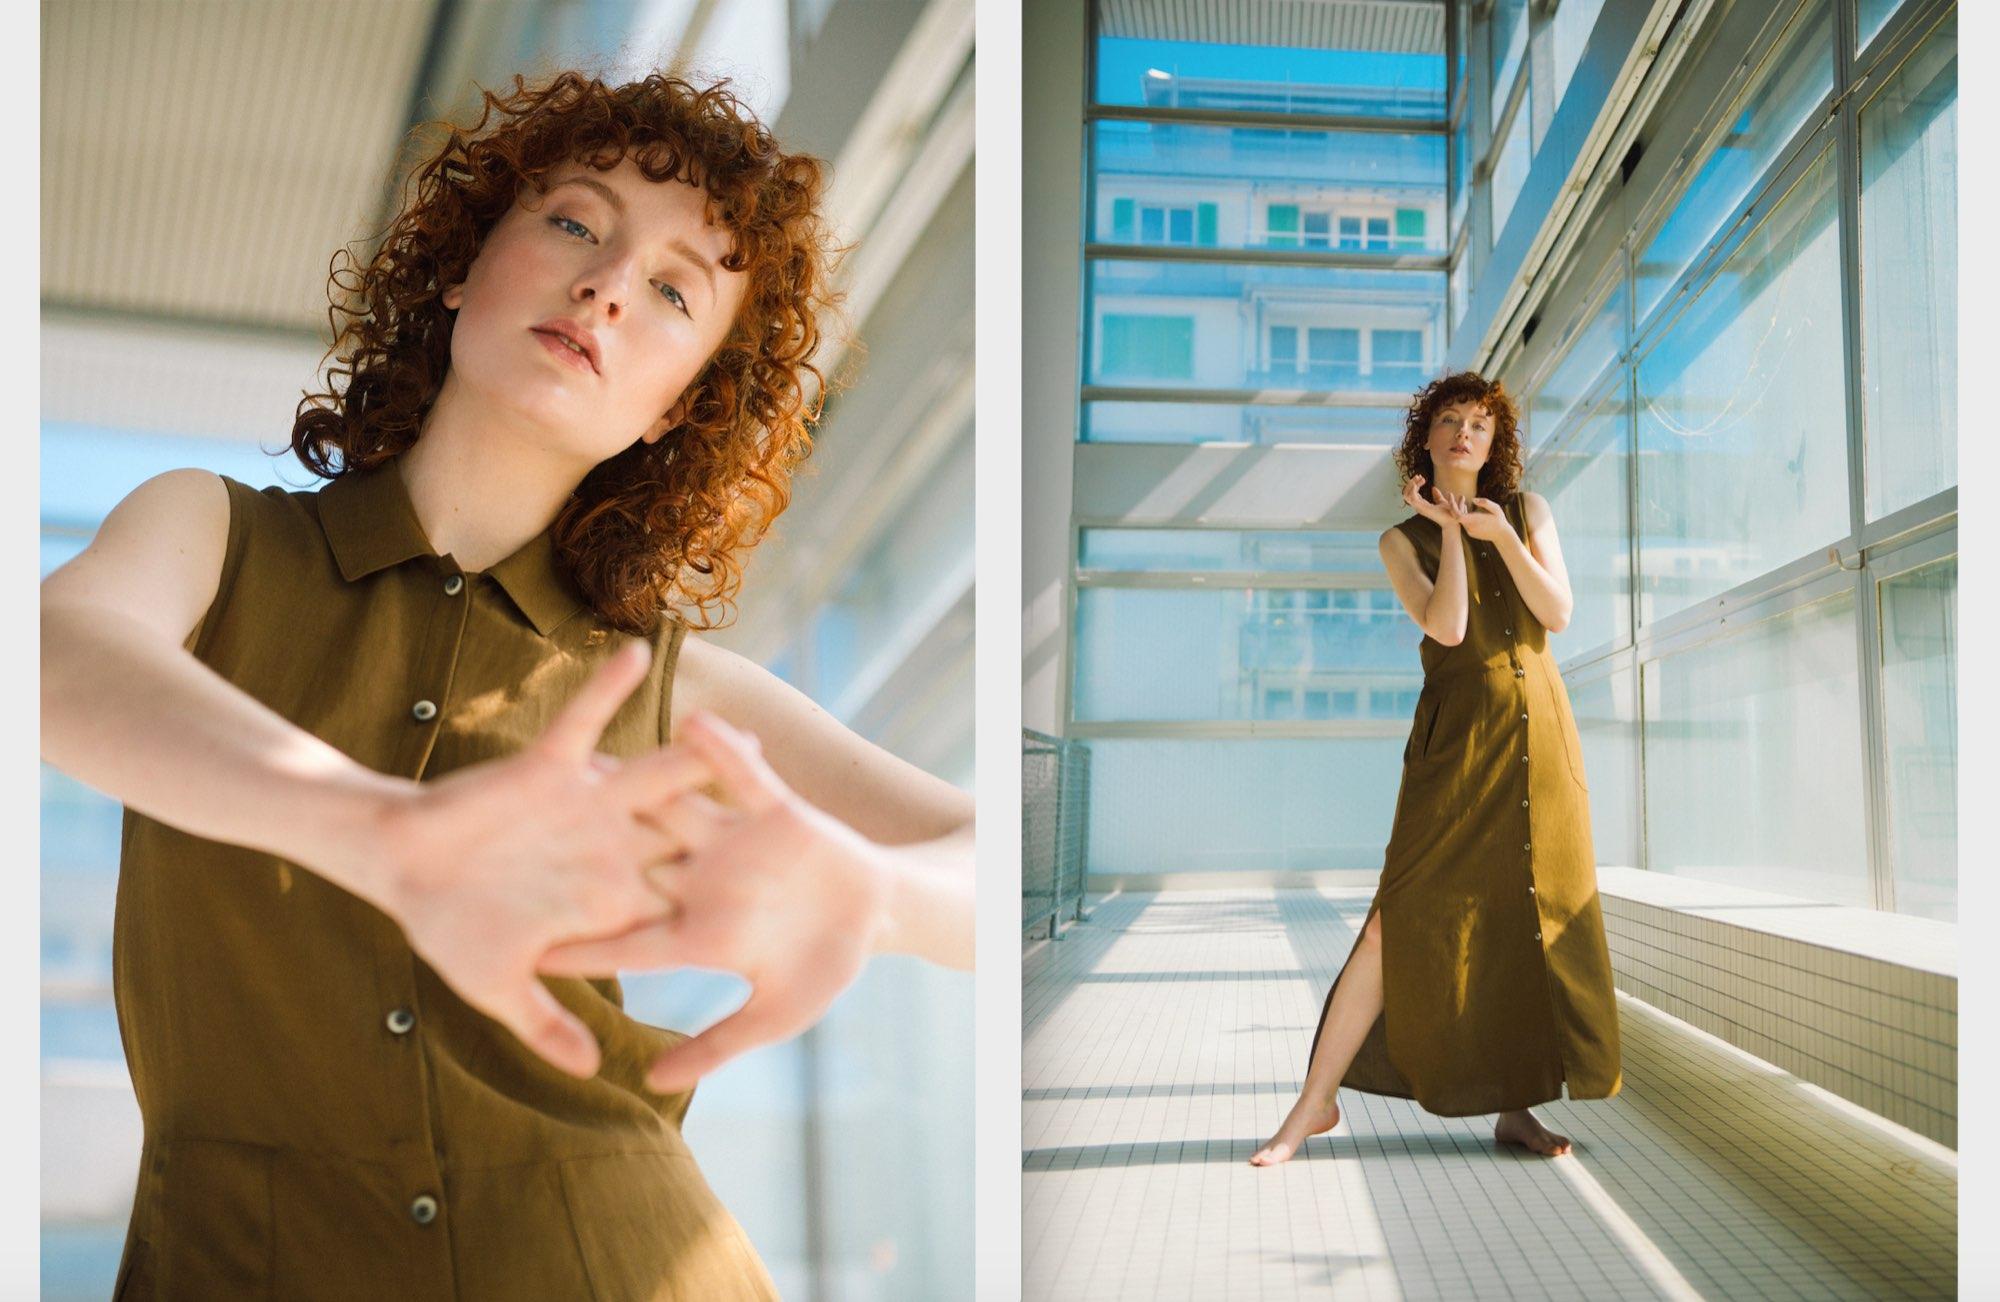 Neue Arbeit von Laura für die neue Kollektion von Fink und Star  - neue-arbeit-von-laura-f--r-die-neue-kollektion-von-fink-und-star--ID14593-03.jpeg?v=1591786870